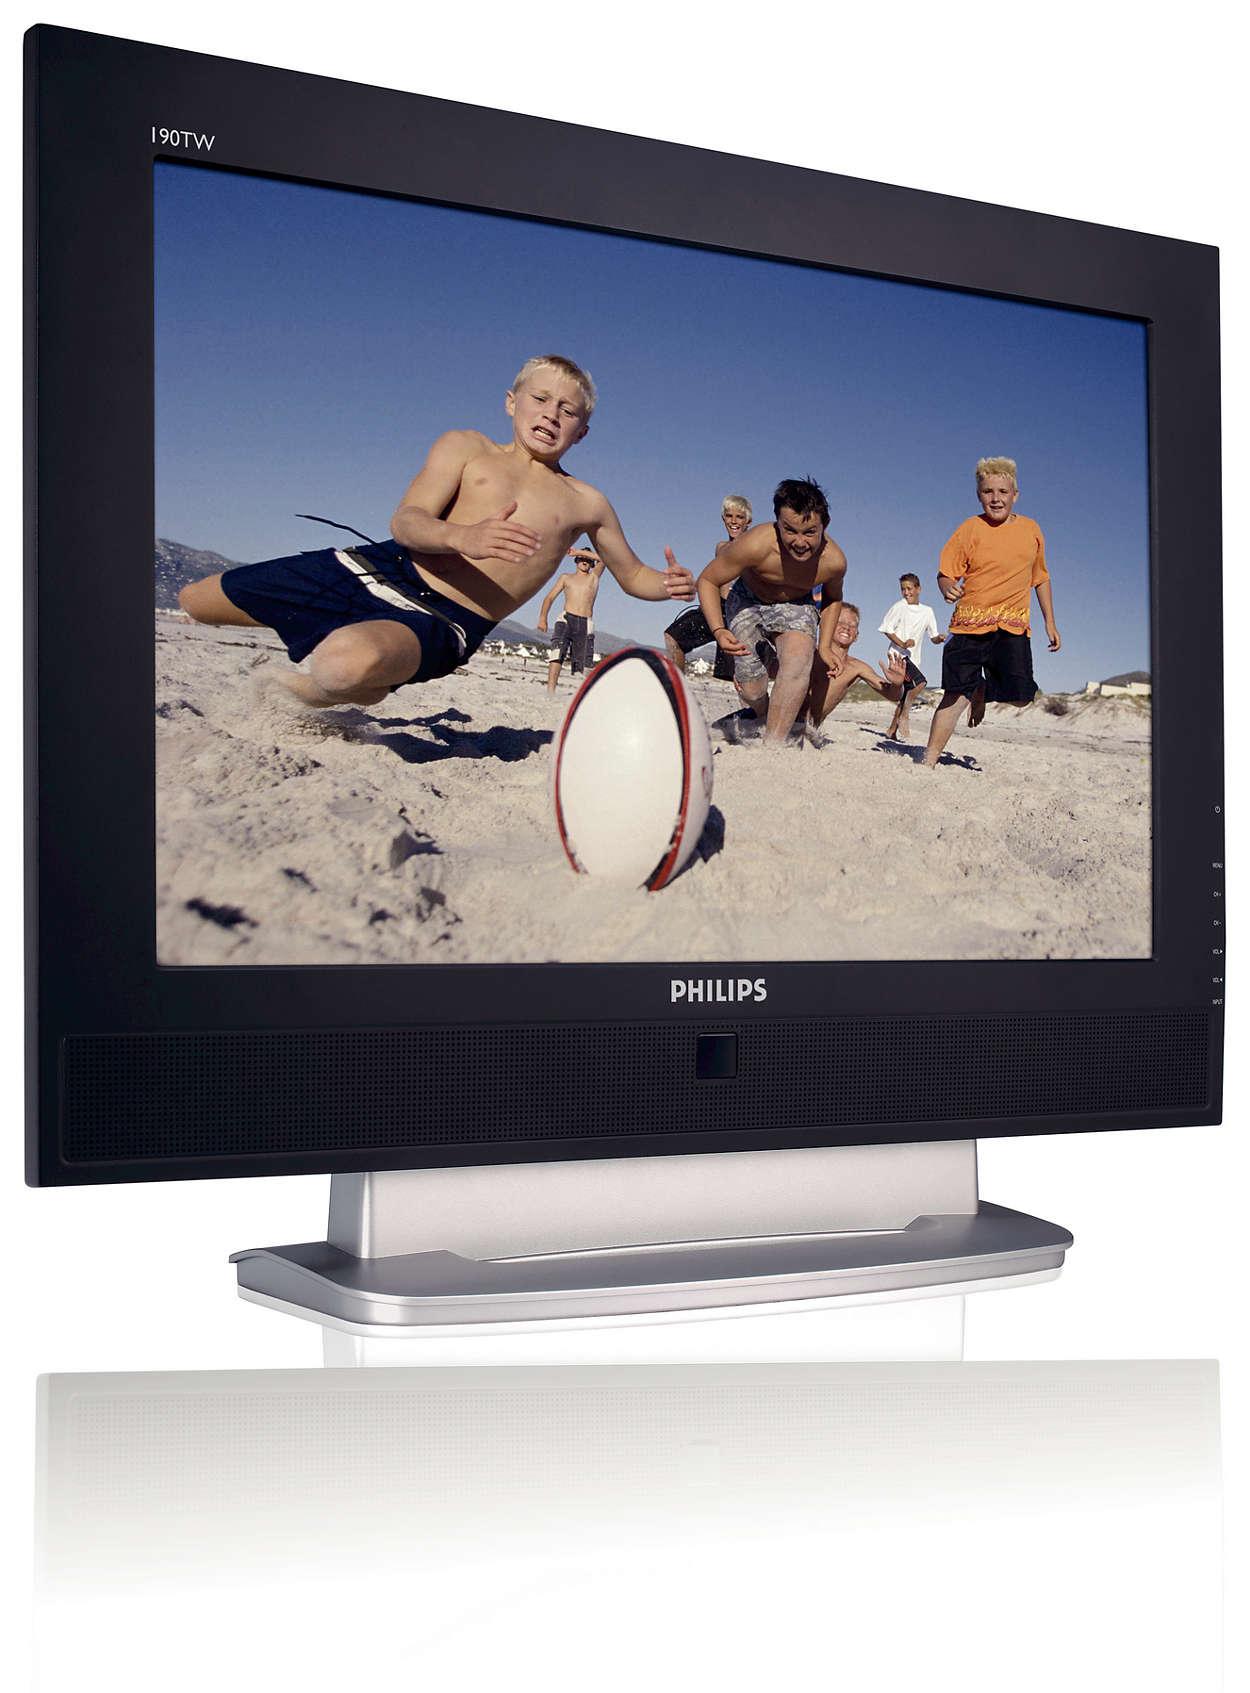 Συνδυασμός τηλεόρασης και οθόνης LCD με όλα τα χαρακτηριστικά